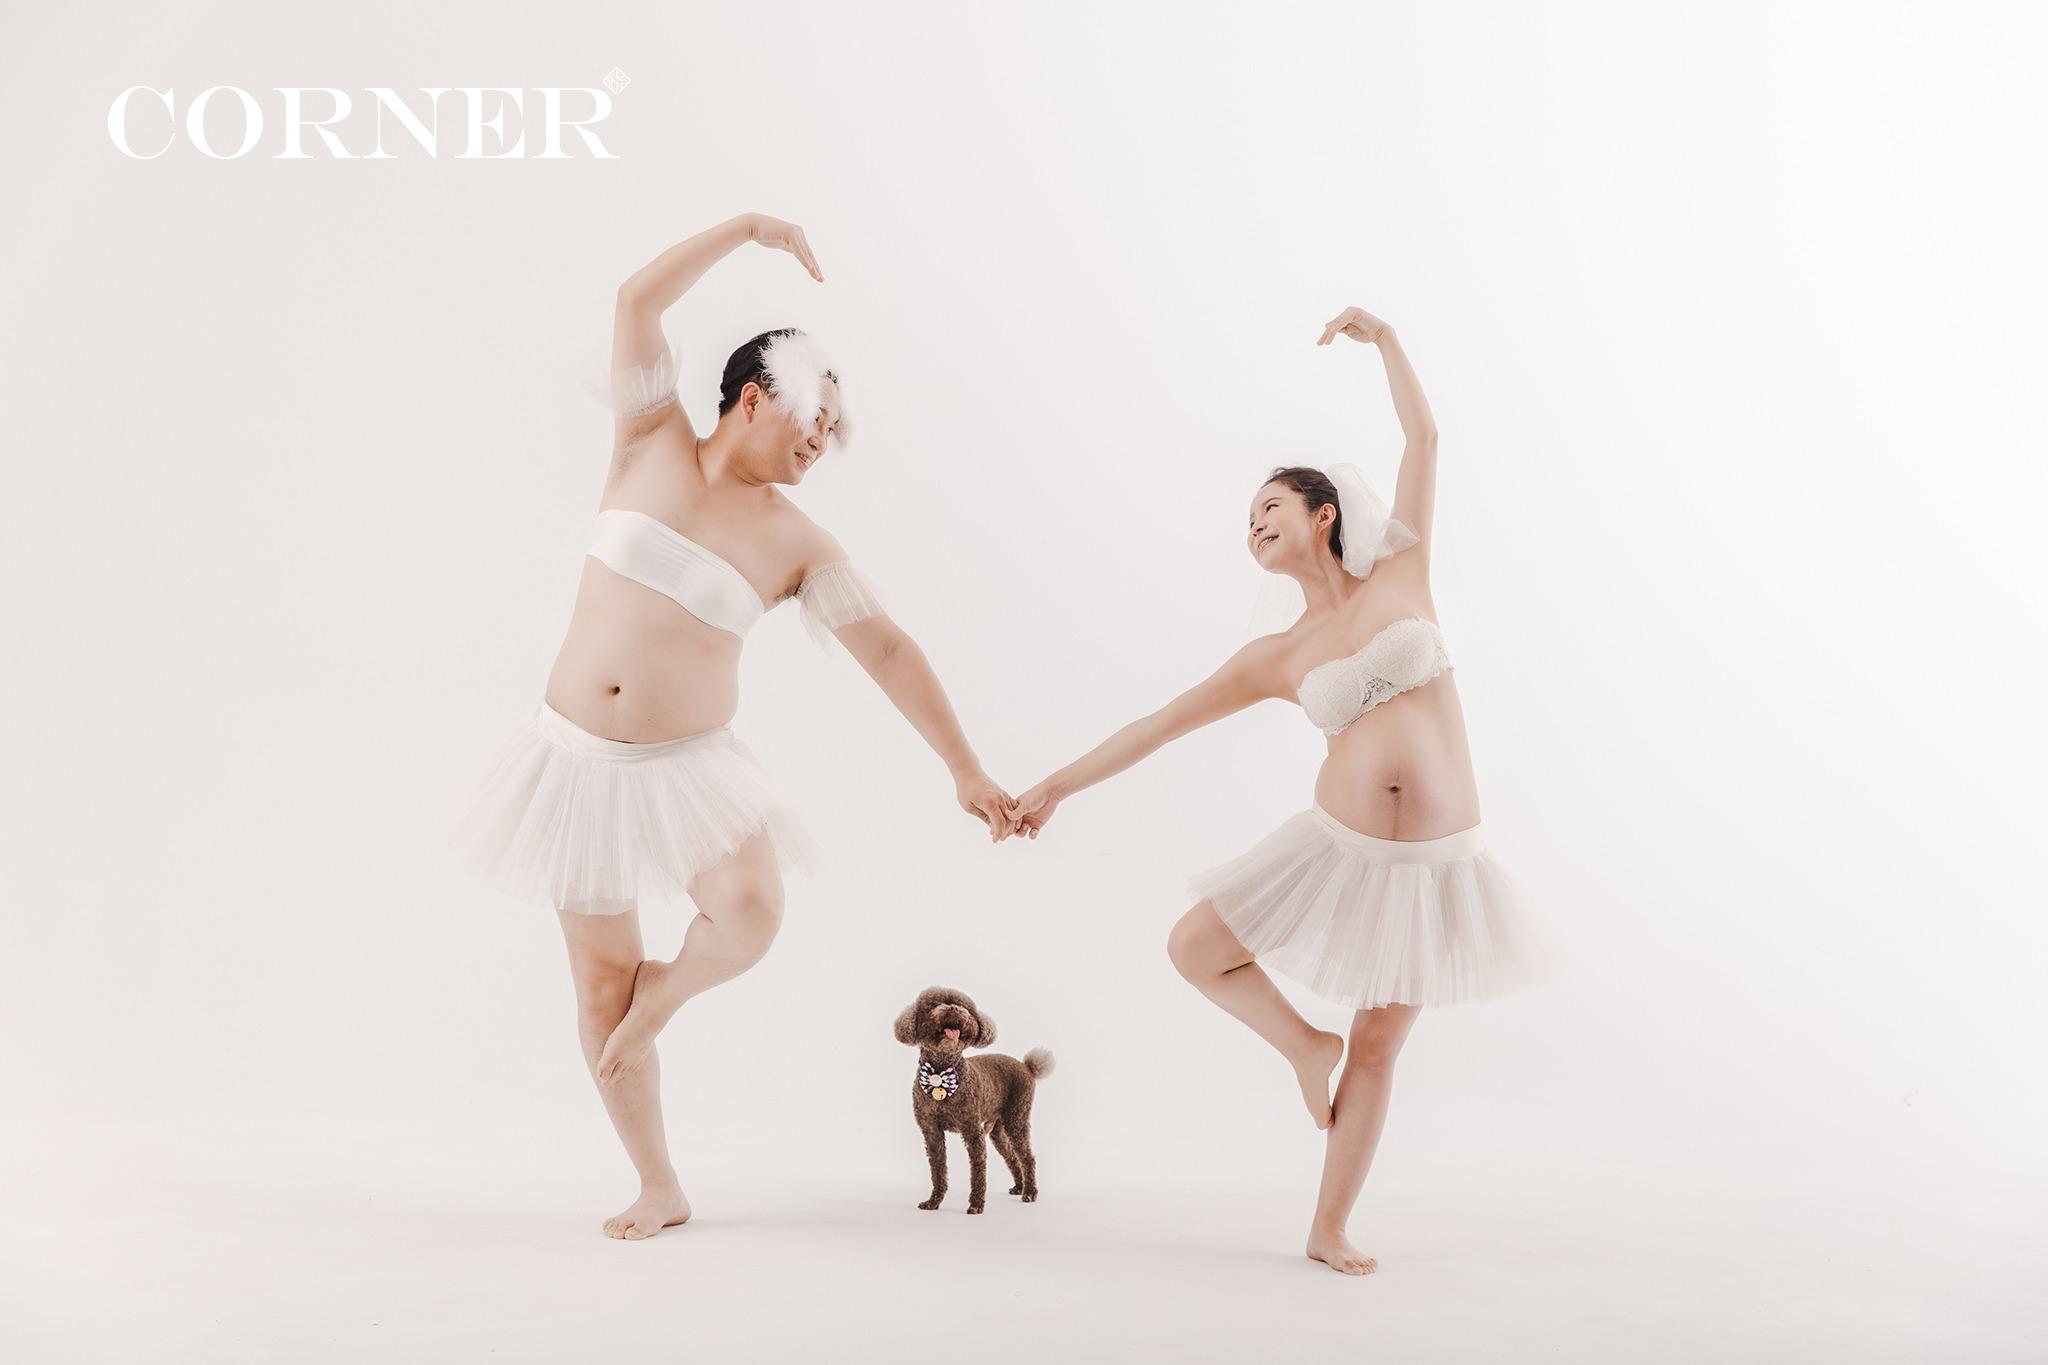 台南孕婦寫真|芭蕾舞風格|搞笑版